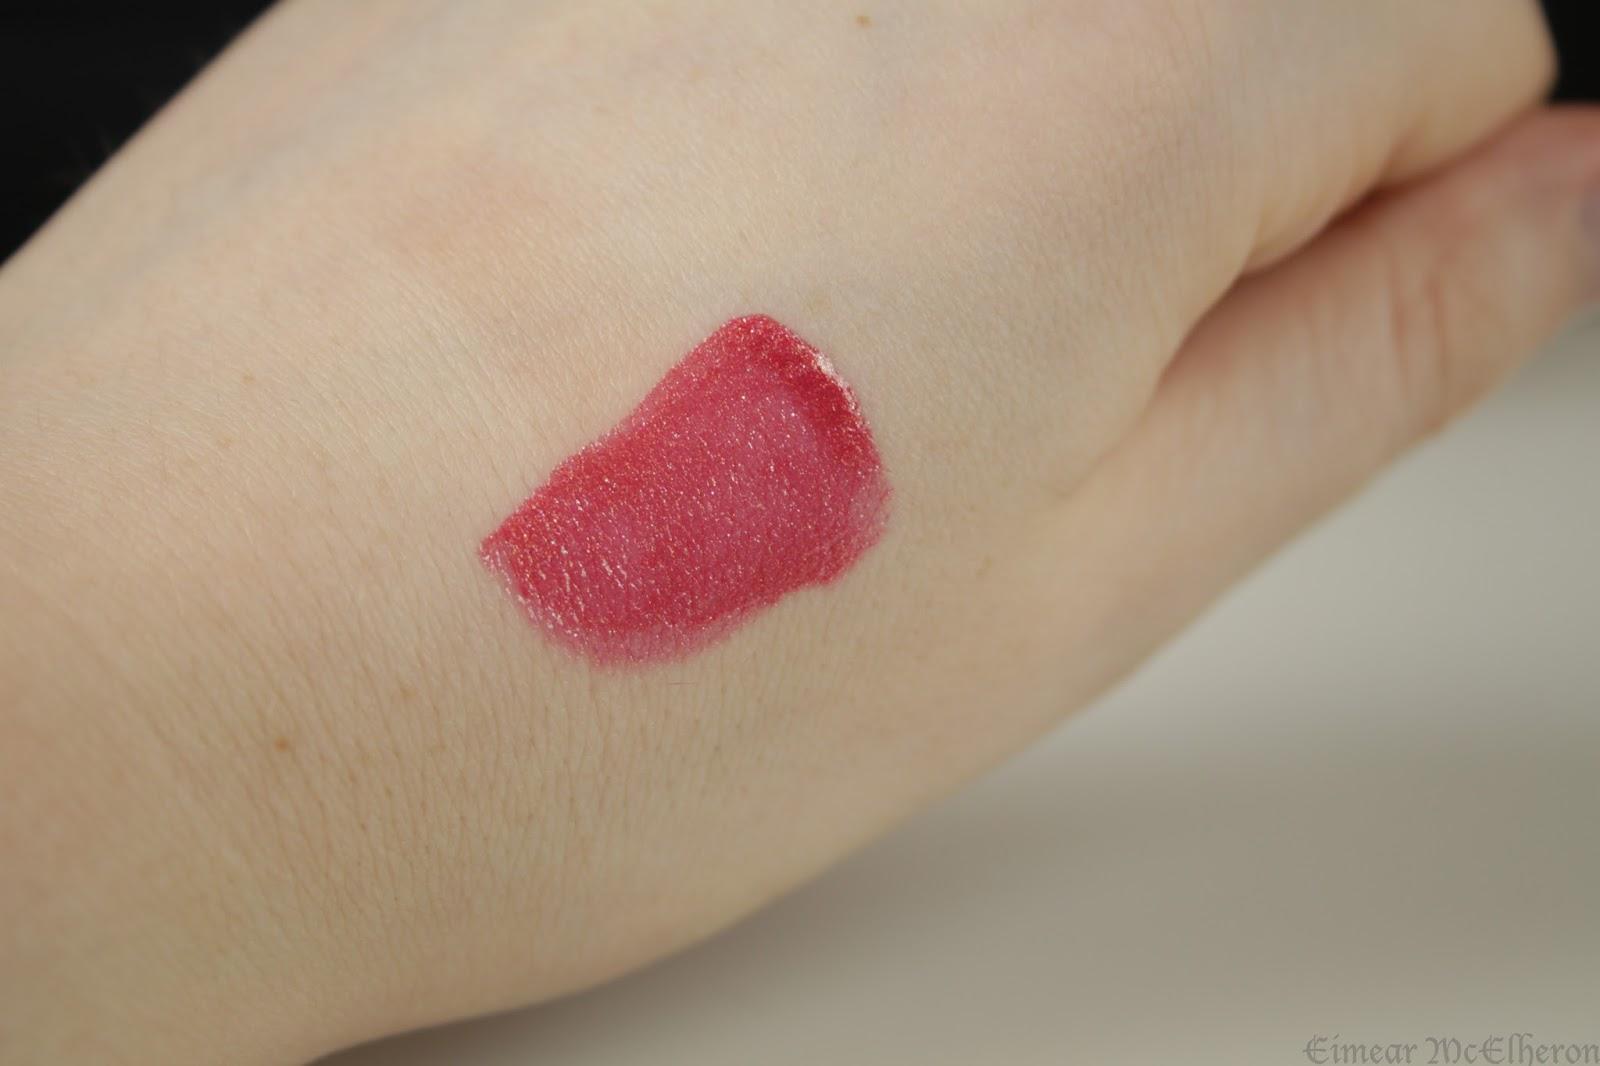 Ecstasy Lacquer Lip Gloss by Giorgio Armani Beauty #20